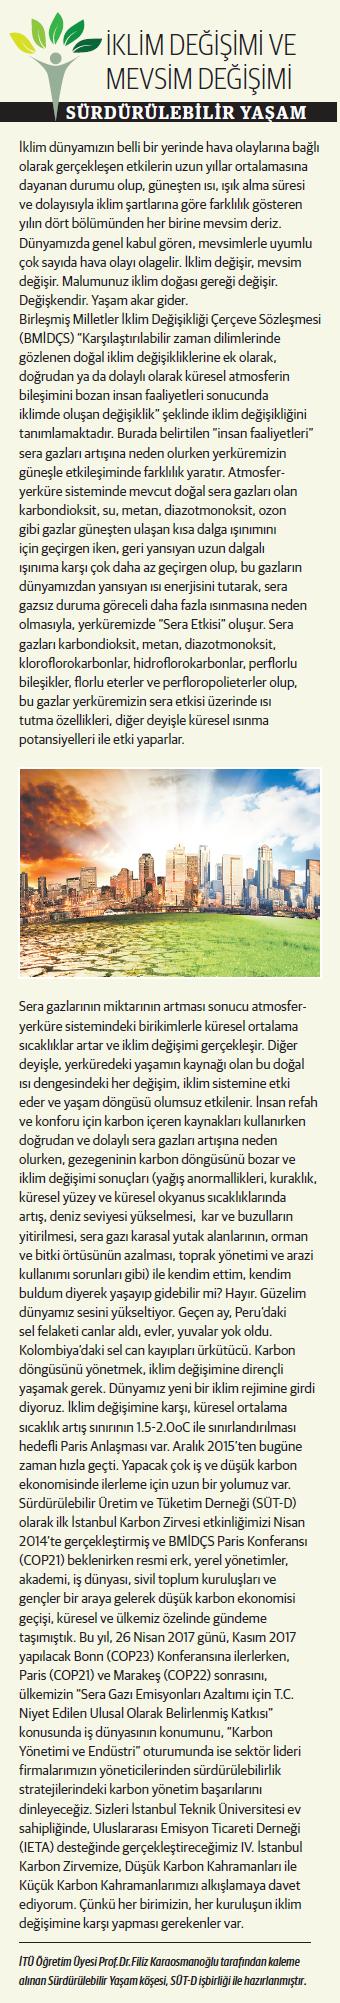 İklim Değişimi ve Mevsim Değişimi, Sürdürülebilir Yaşam 07.04.2017